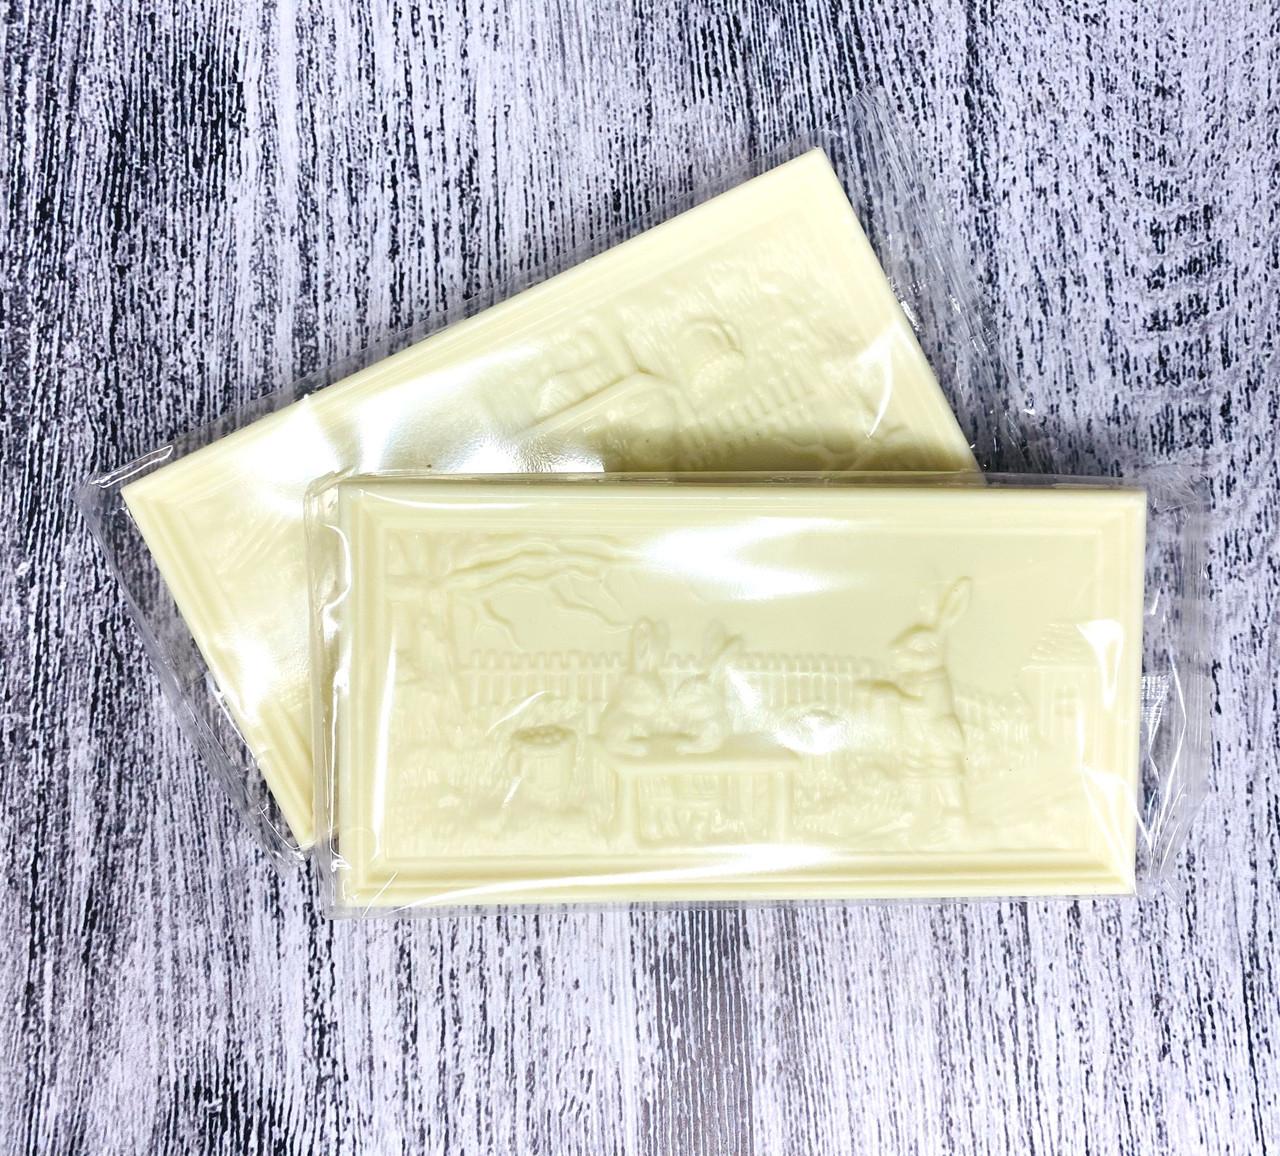 Плитка кондитерская белая ф/п 3 кг. ТМ Галицкие традиции